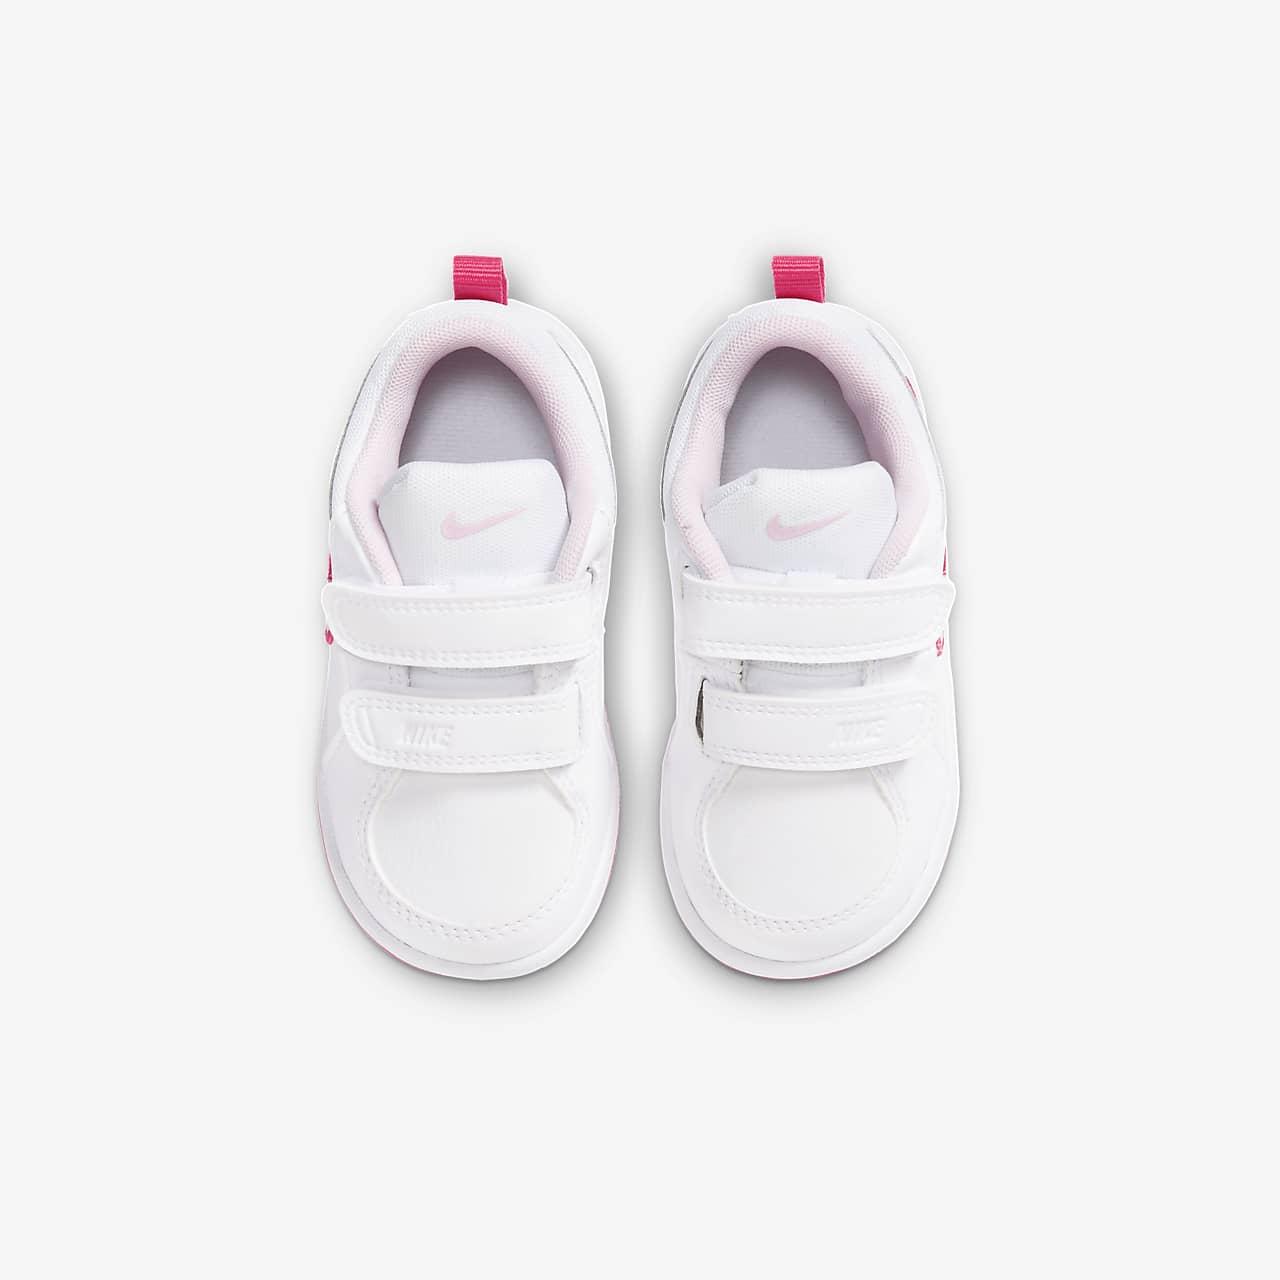 553d20b1fac09 Chaussure Nike Pico 4 pour Bébé Petite fille. Nike.com FR